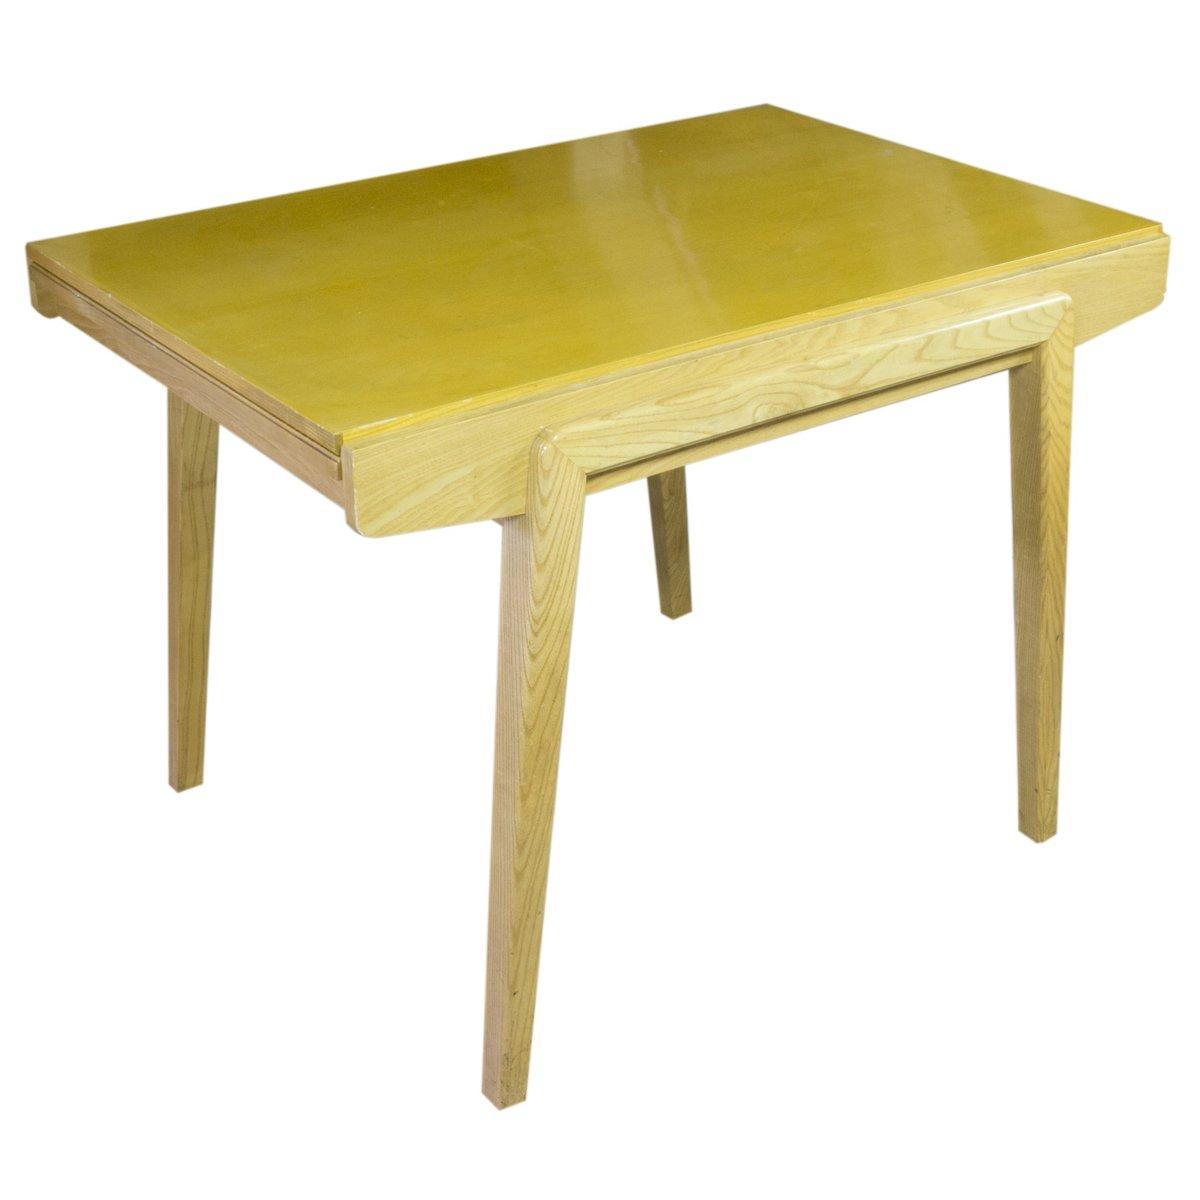 table de salle manger vintage pliable avec quatre chaises chrom e r publique tch que 1960s. Black Bedroom Furniture Sets. Home Design Ideas